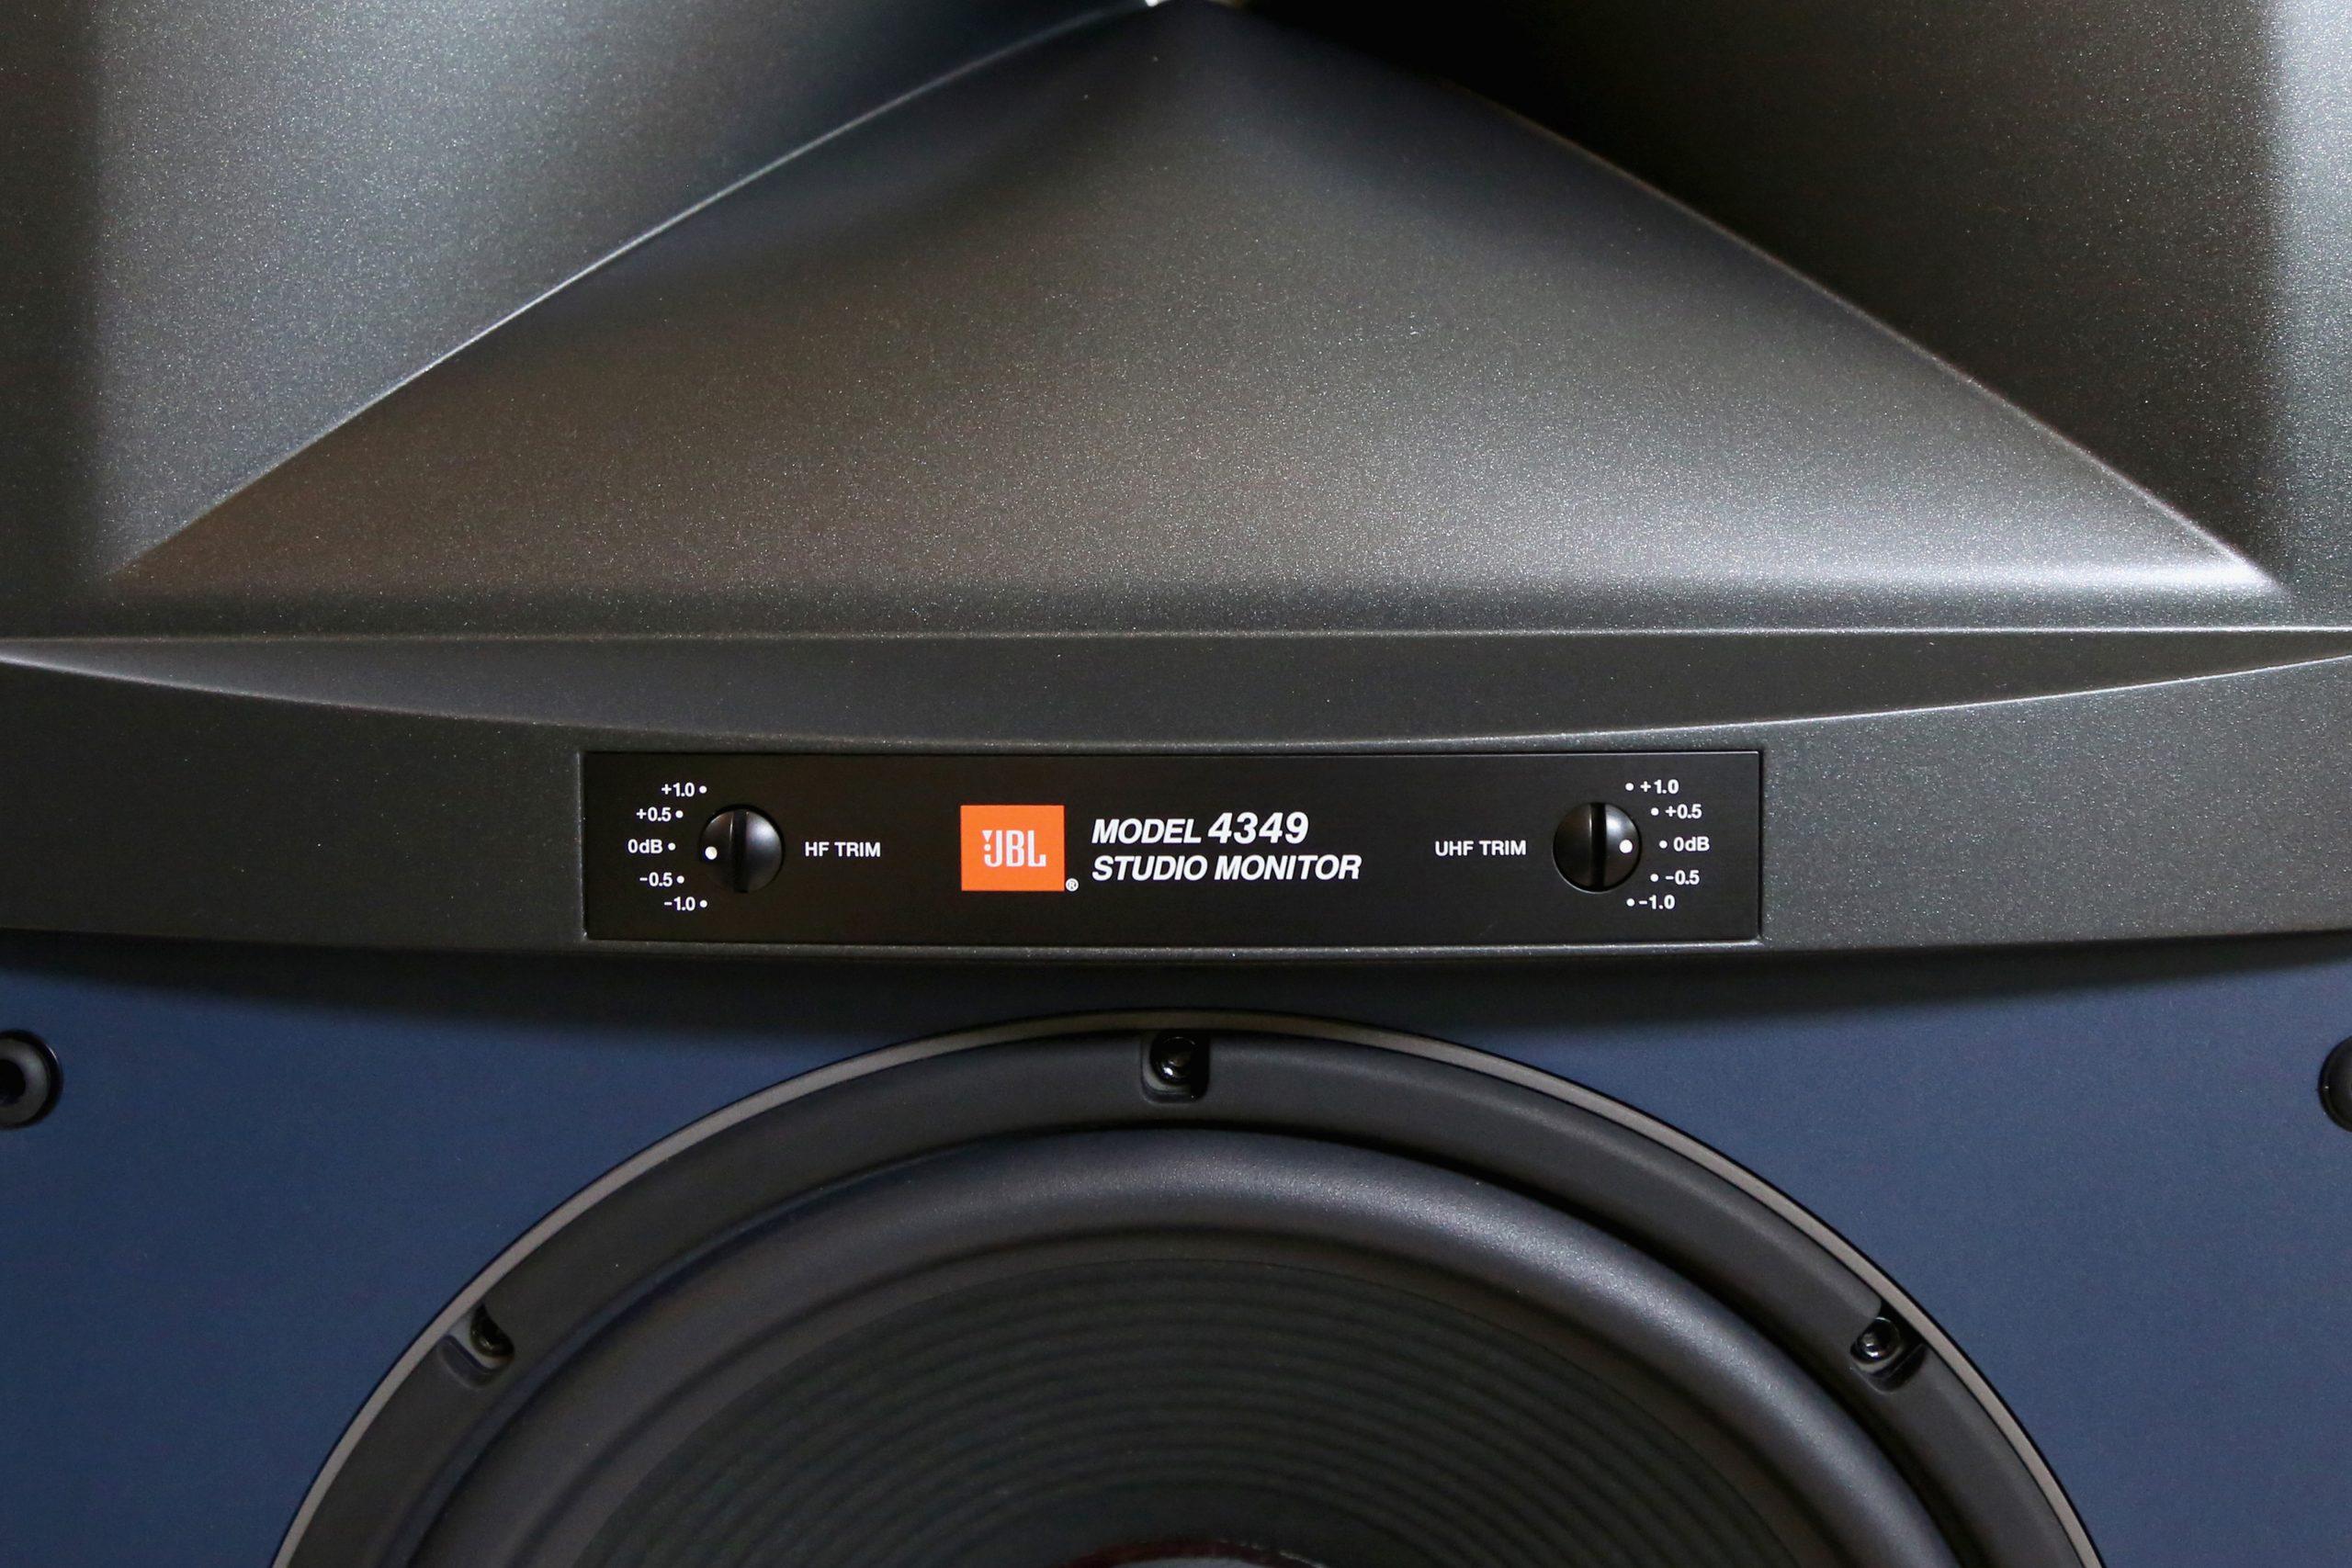 Die Hochfrequenz- und Ultrahochfrequenz-Dämpfungsregler befinden sich direkt auf der Frontseite